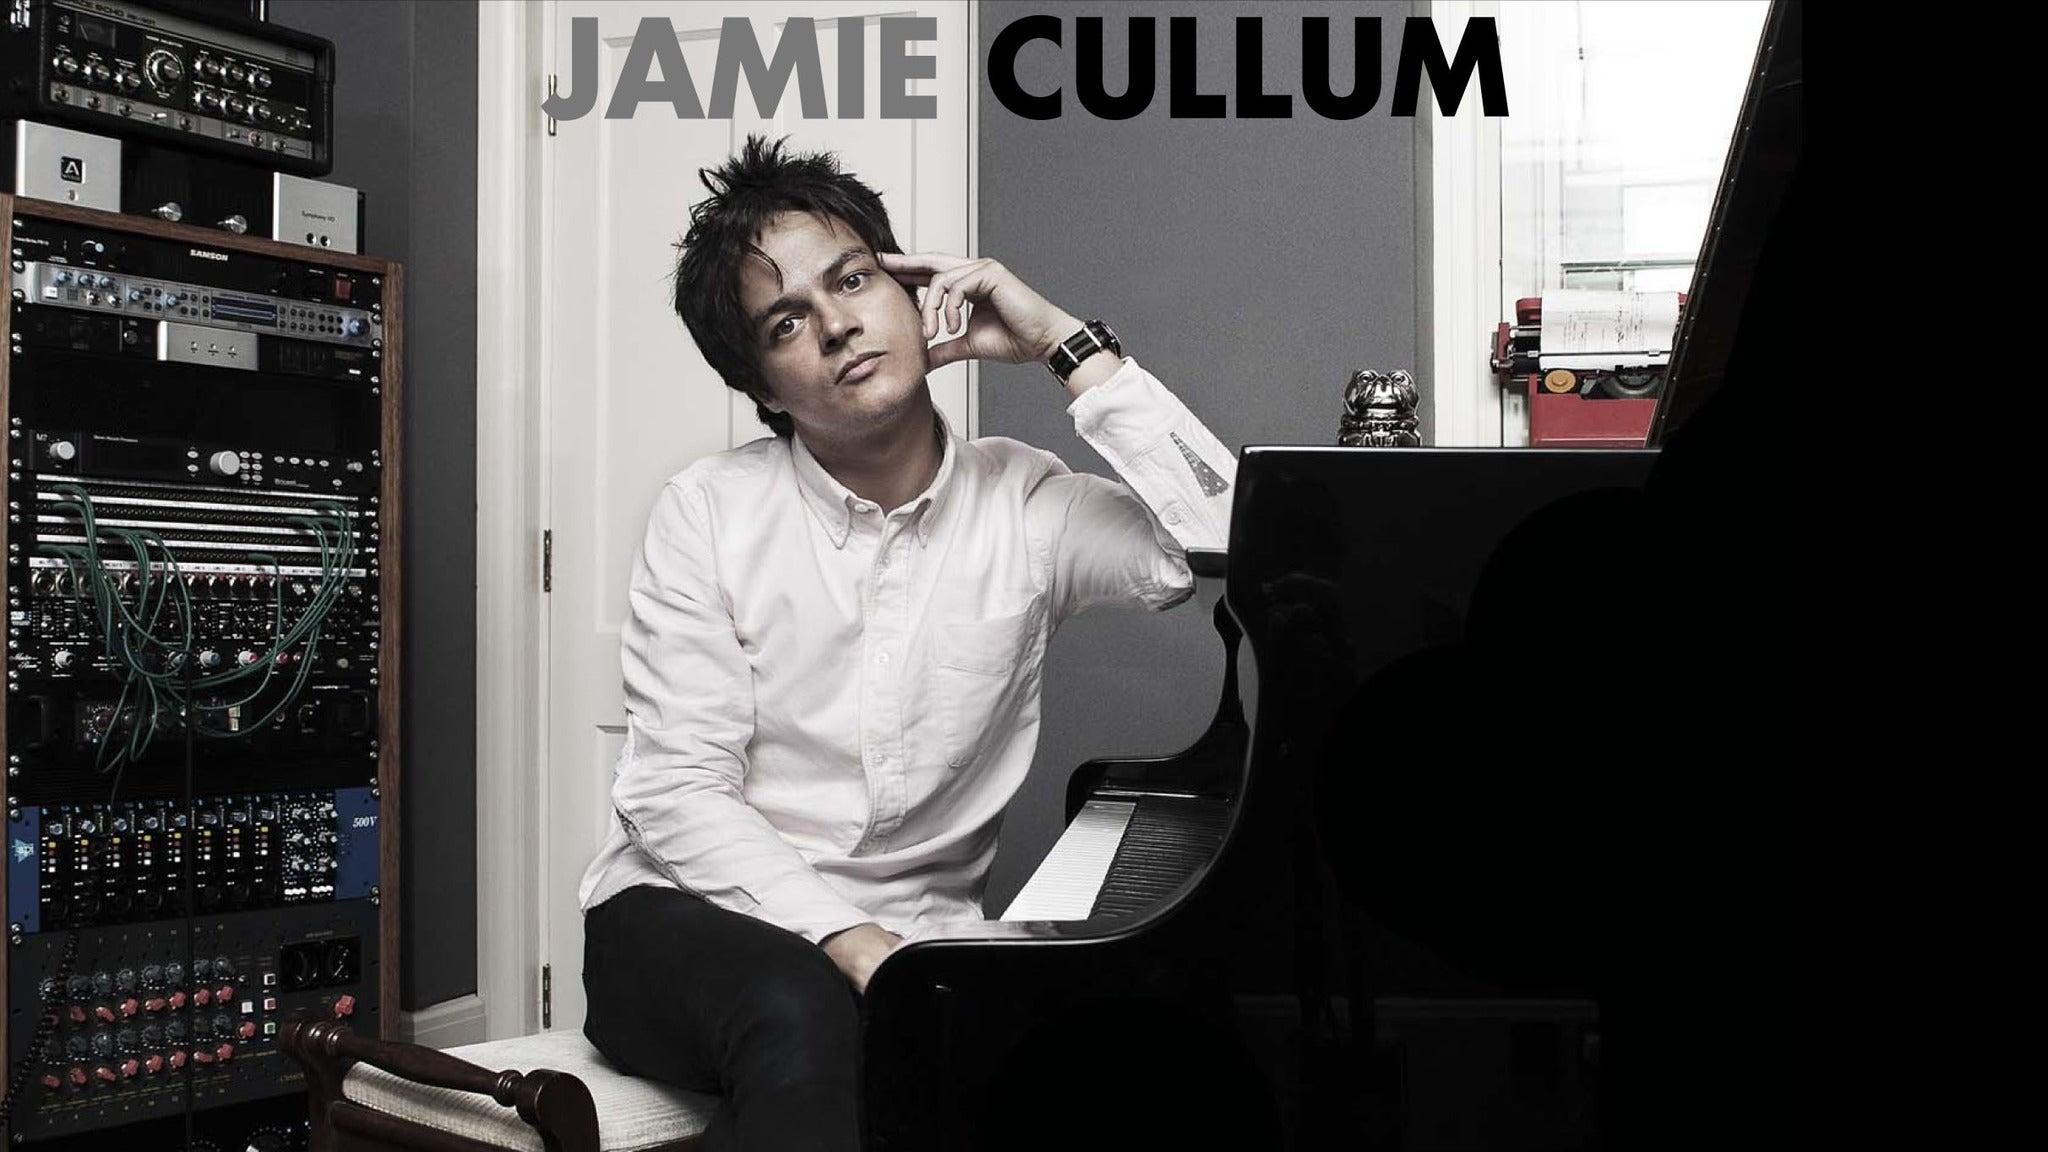 Jamie Cullum Seating Plans